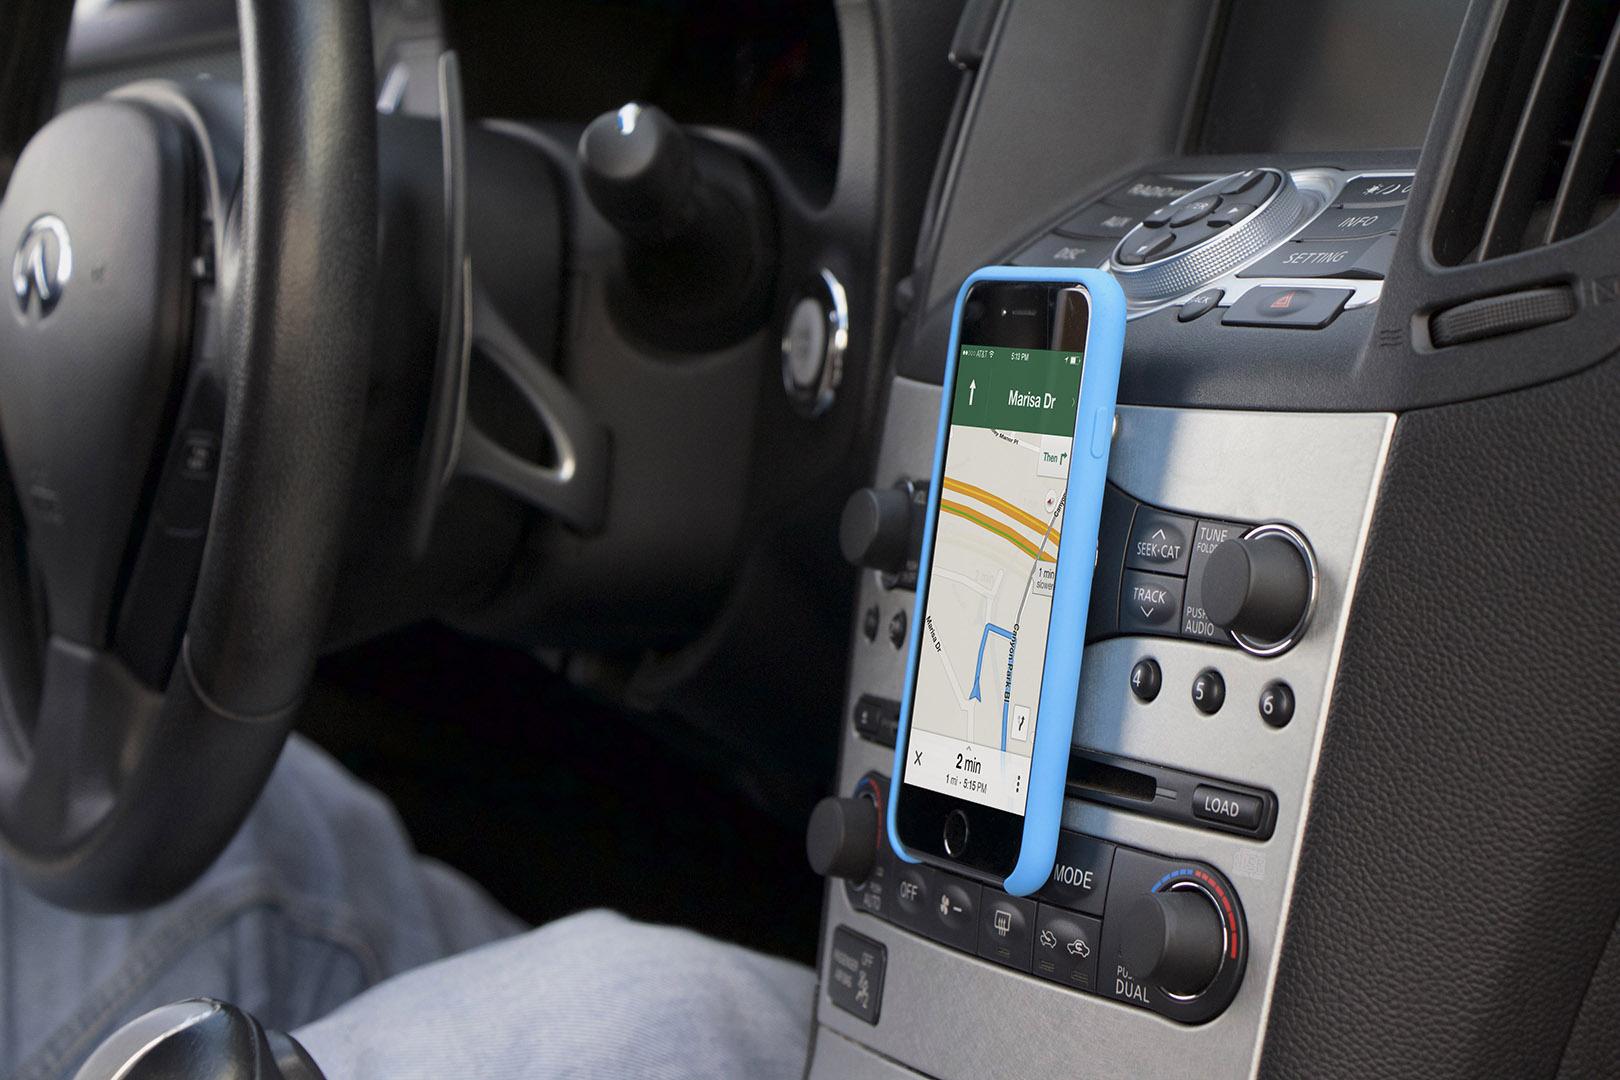 MacBak case iPhone Blue